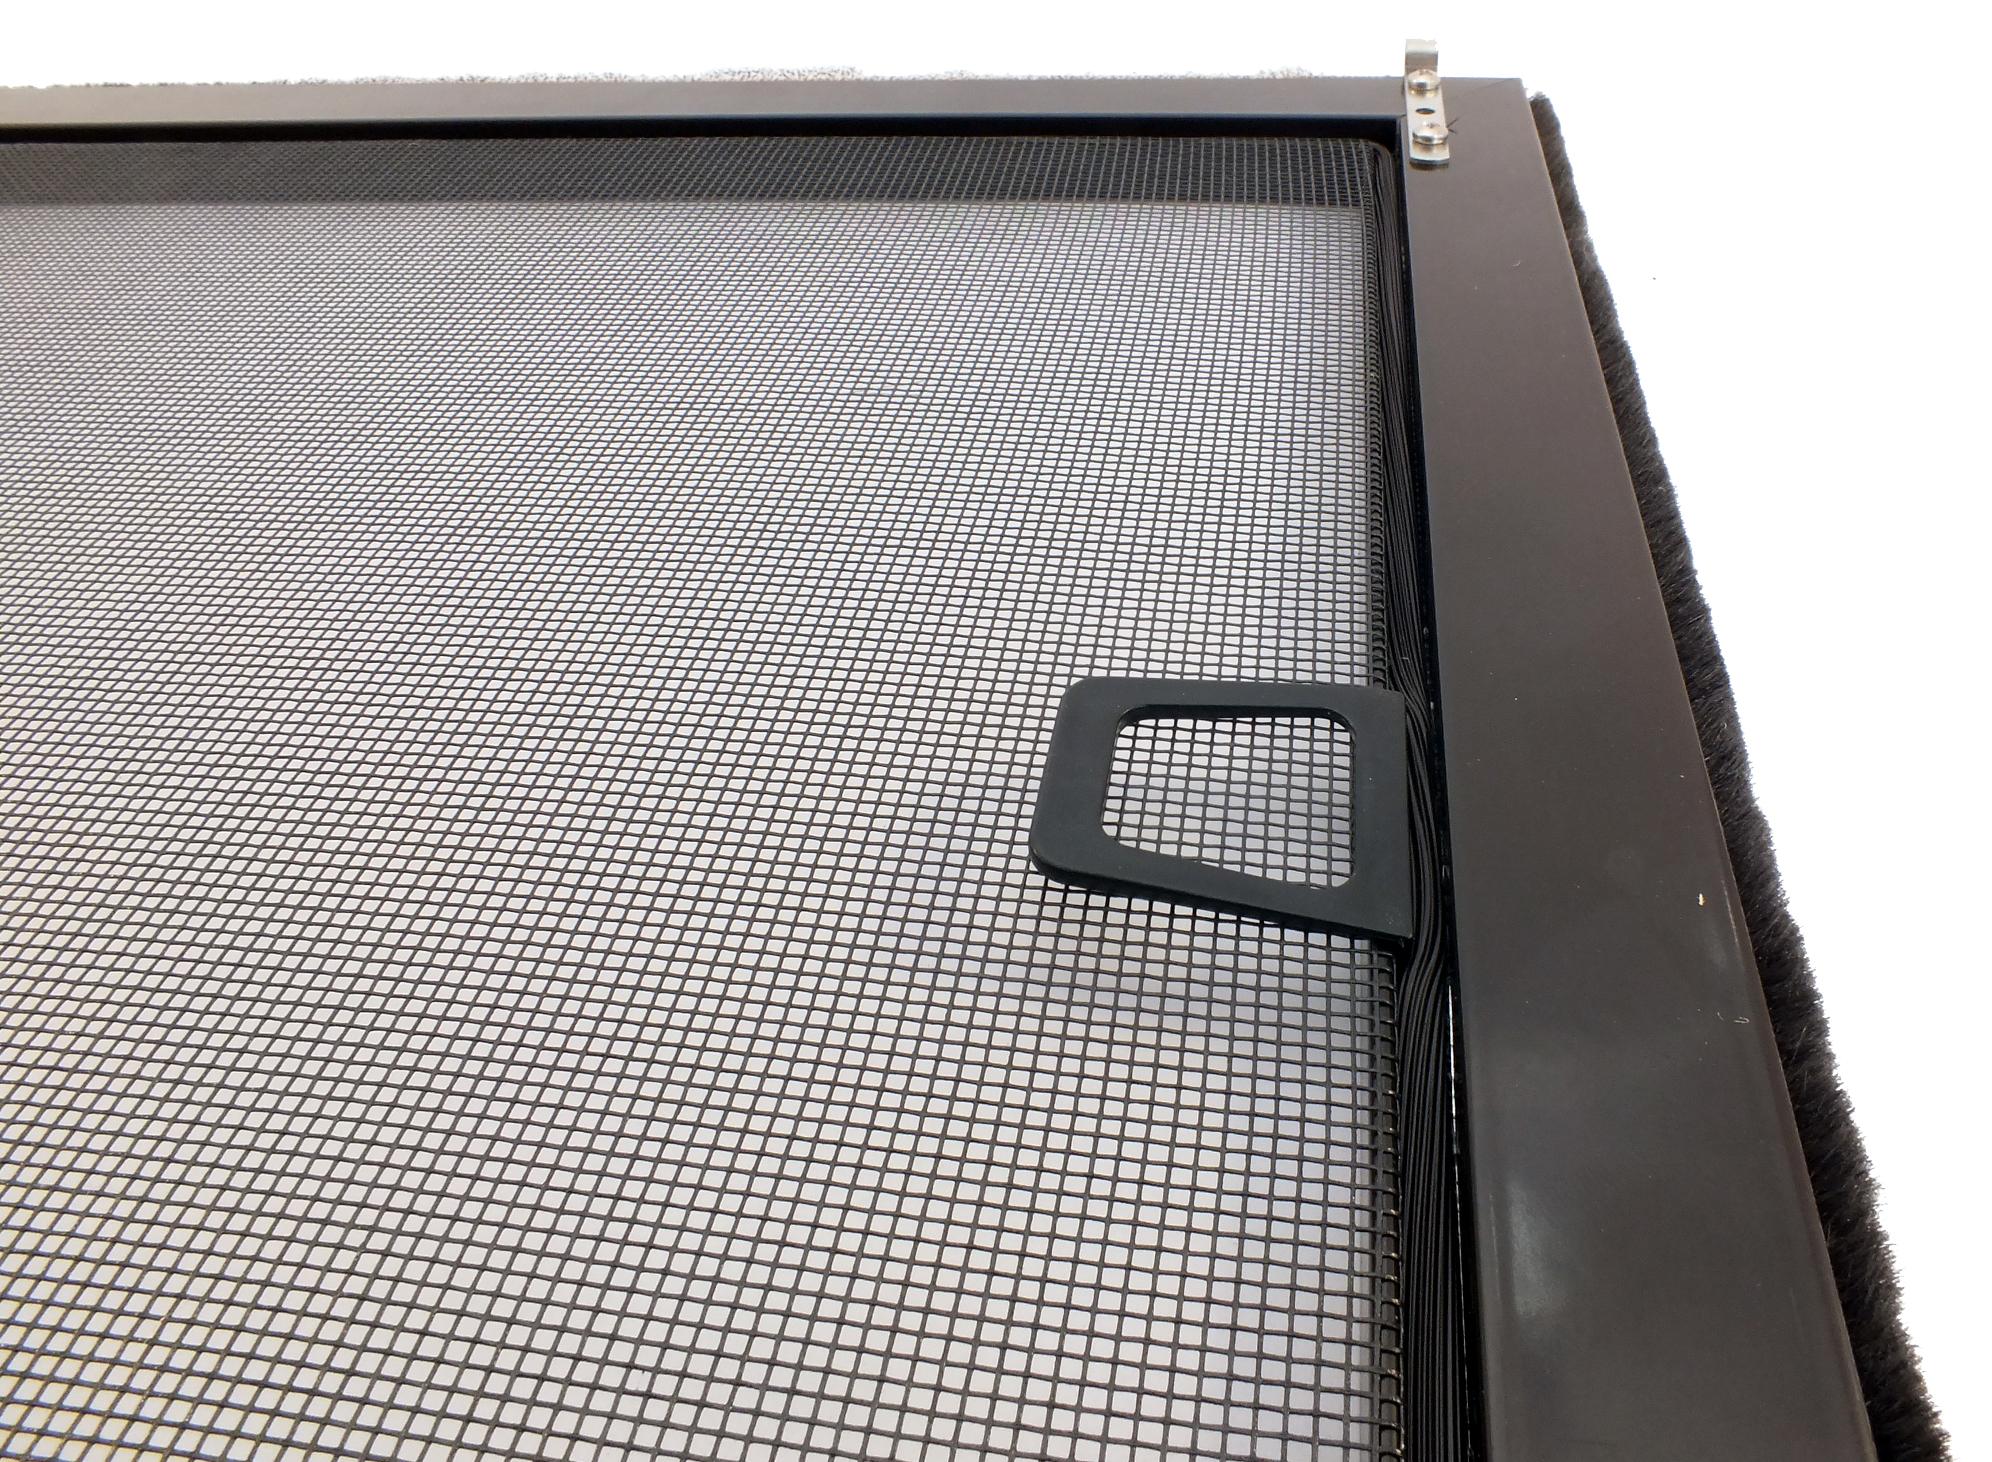 insektenschutz spannrahmen mit umlaufender b rste als bausatz teso insektenschutzsysteme. Black Bedroom Furniture Sets. Home Design Ideas